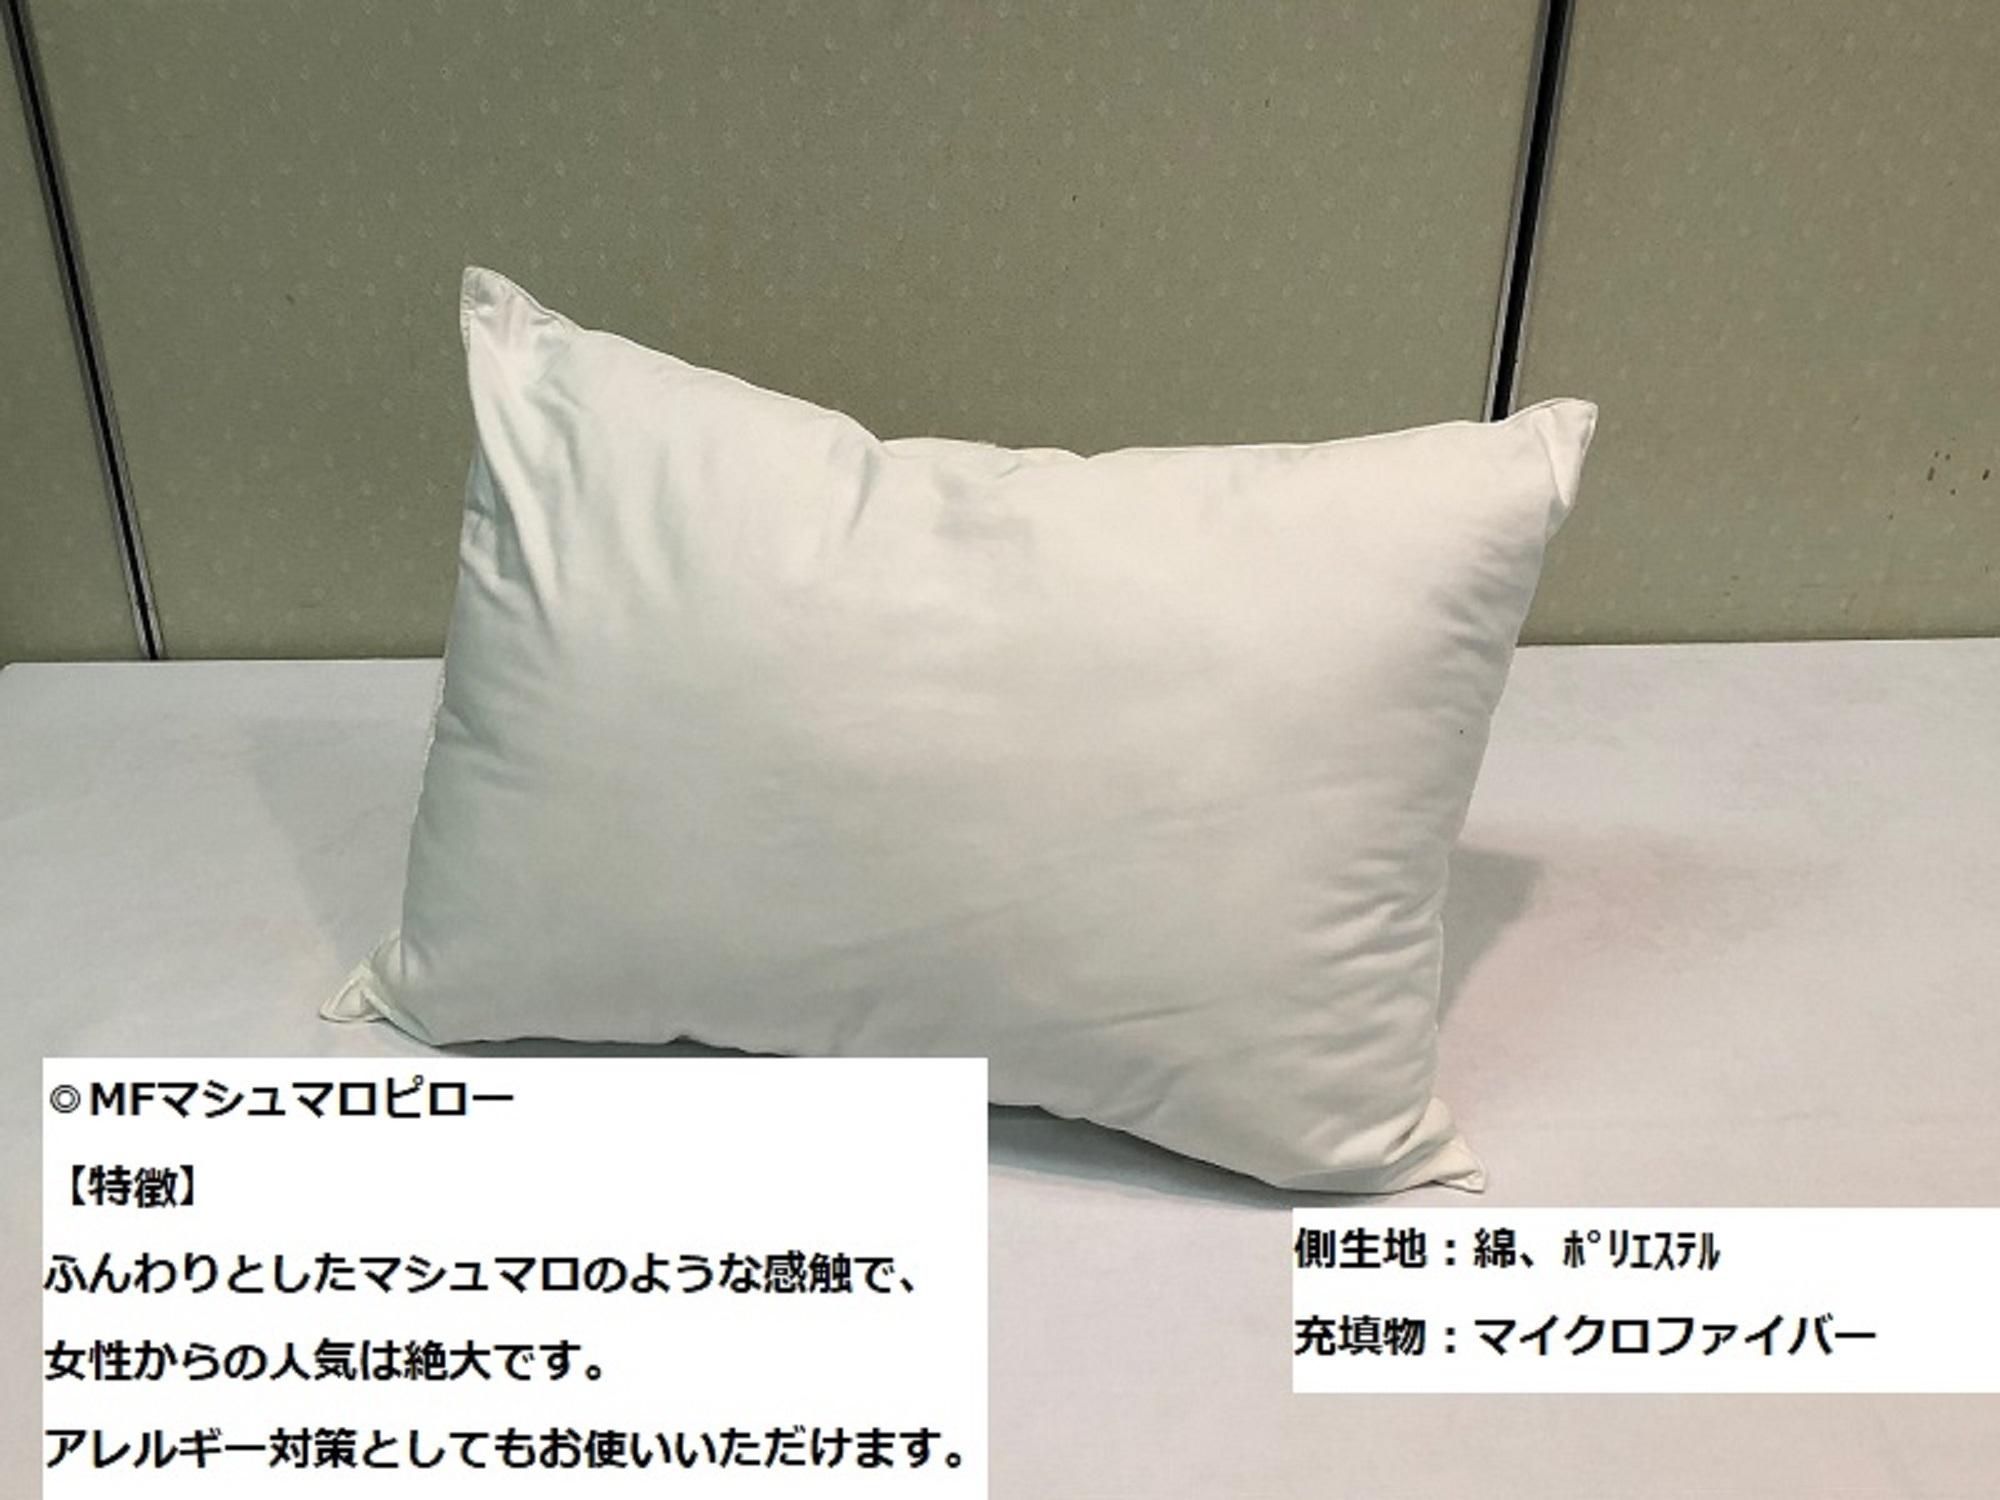 【貸出用】枕 「マシュマロピロー」ふんわりマシュマロ感